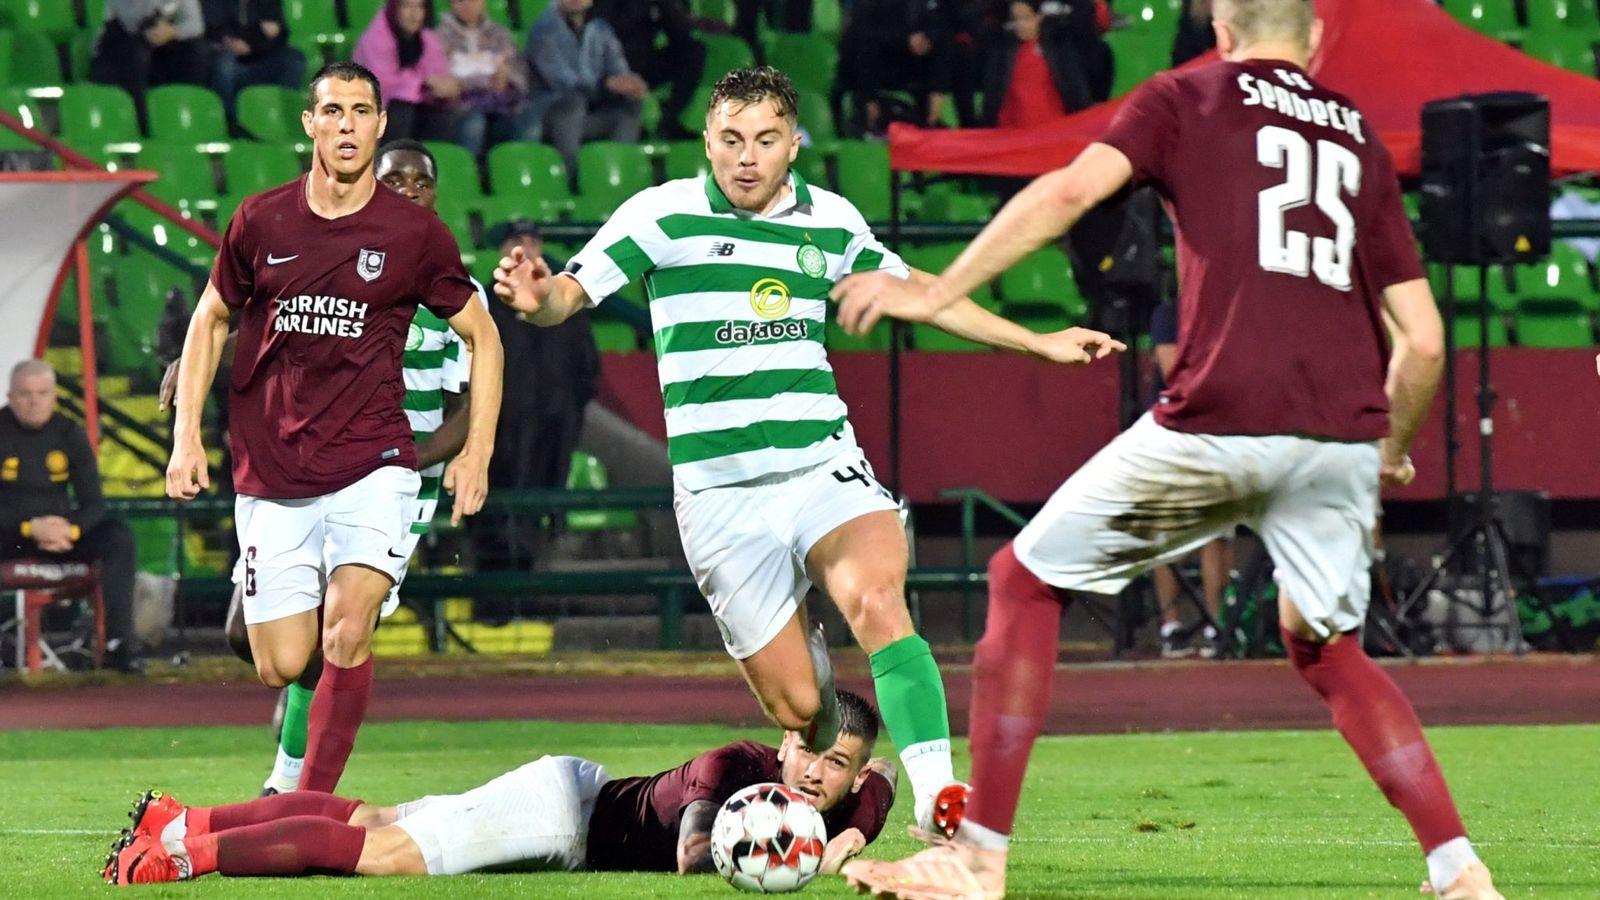 Soi kèo St Mirren vs Celtic